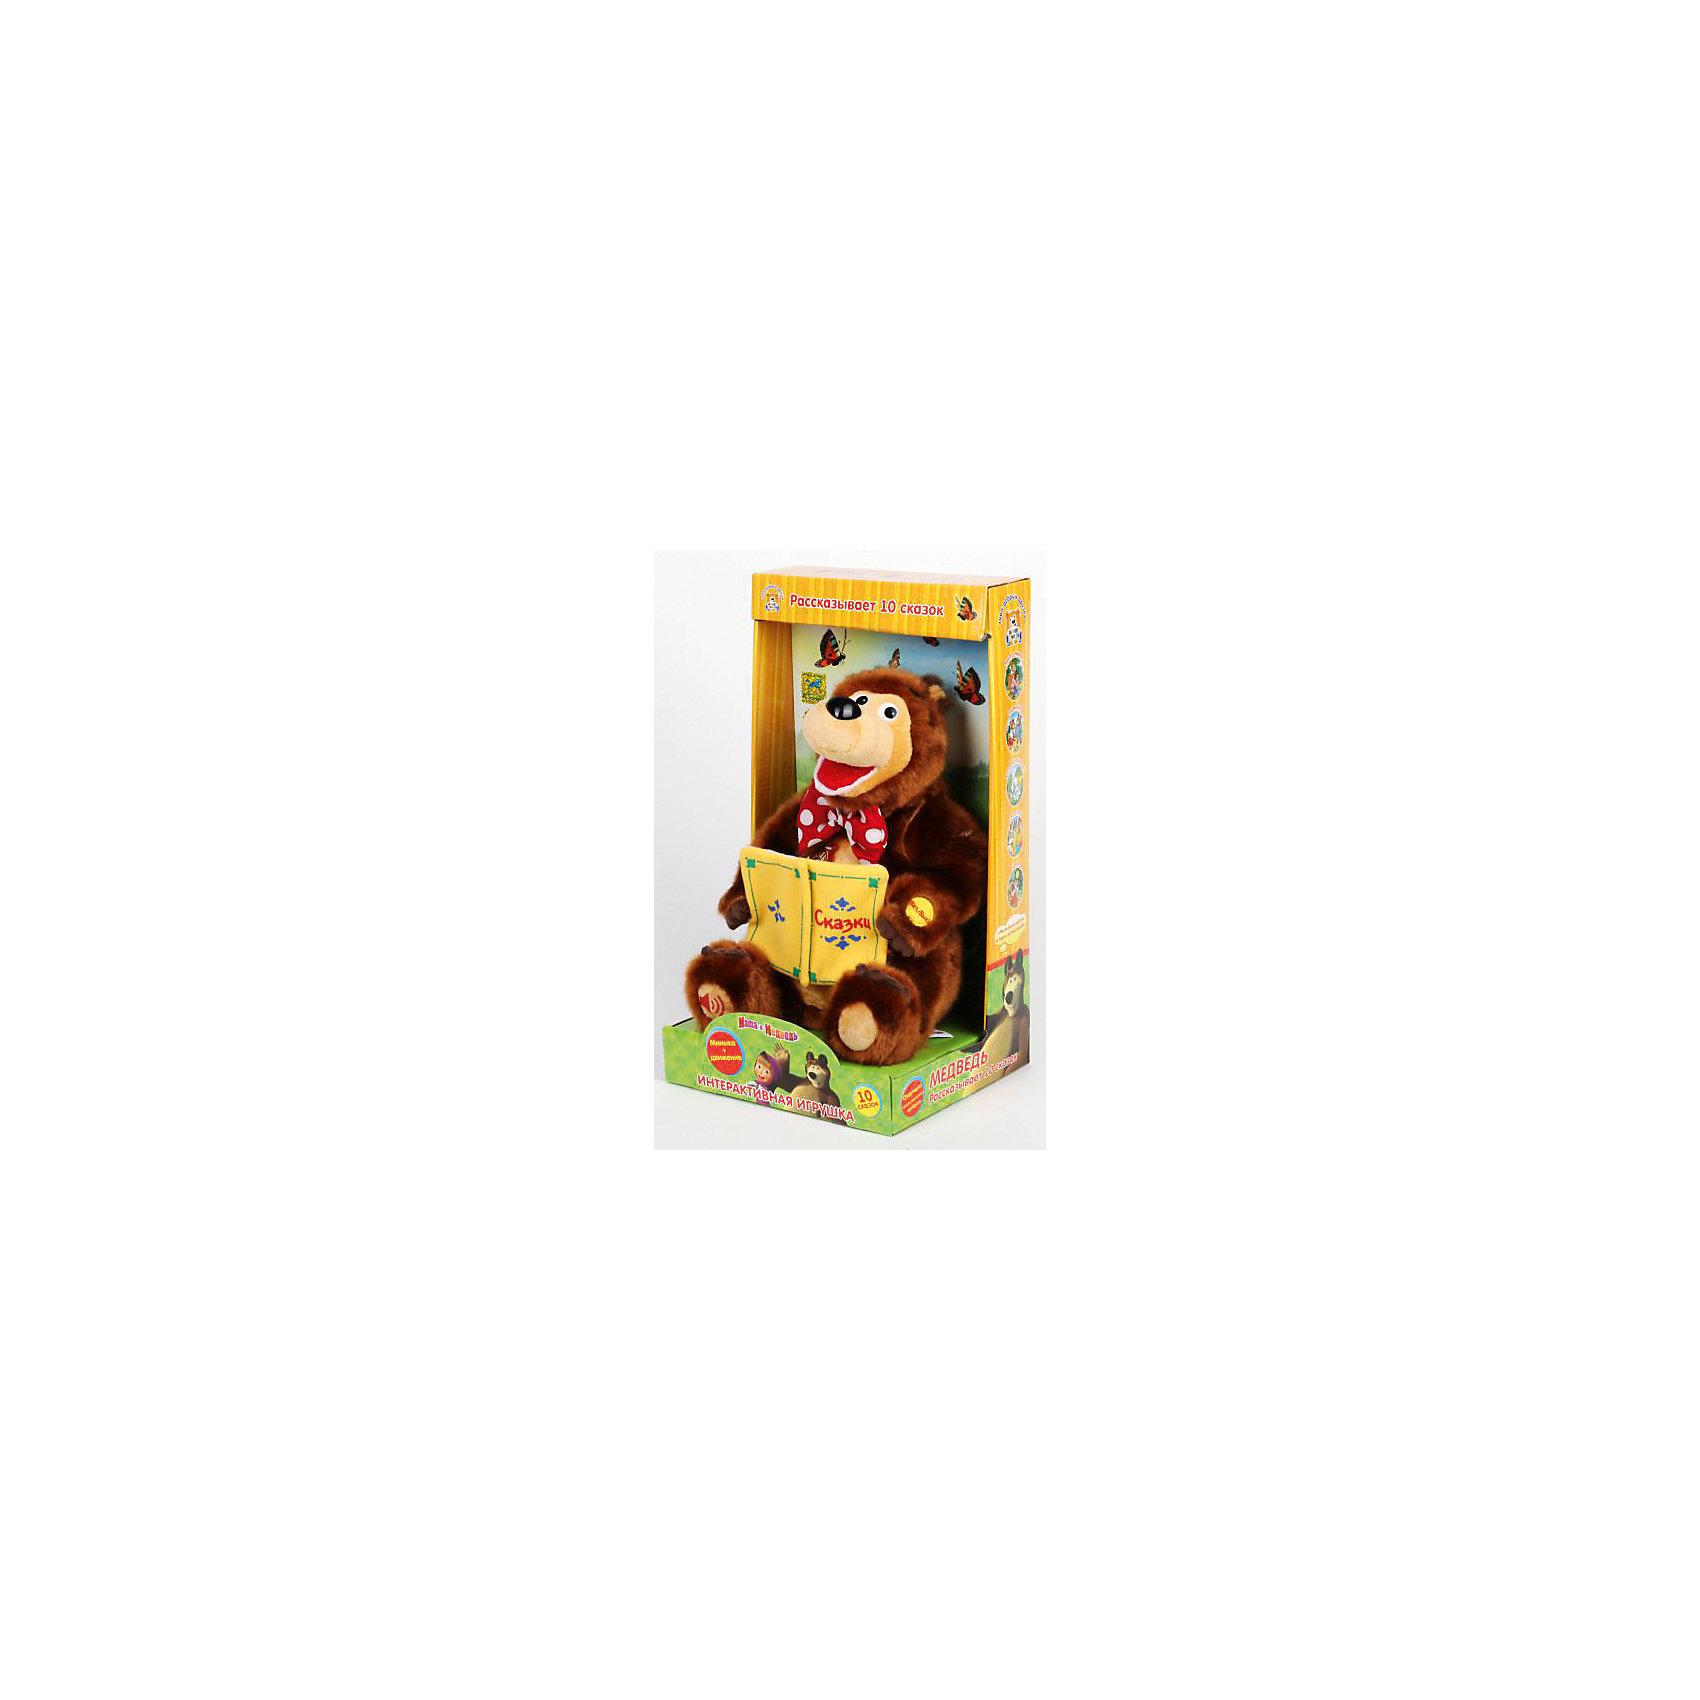 Мягкая игрушка Мишка, 30 см, со звуком, Маша и Медведь, МУЛЬТИ-ПУЛЬТИМягкая игрушка Мишка со звуком от марки МУЛЬТИ-ПУЛЬТИ<br><br>Интерактивная мягкая игрушка от отечественного производителя поможет ребенку проводить время весело и с пользой. Она сделана в виде медведя из известного любимого детьми мультфильма. В игрушке есть встроенный звуковой модуль, работающий на батарейках. Благодаря этому медведь может рассказать 10 сказок.<br>Размер игрушки - 30 сантиметров, её удобно брать с собой в поездки и на прогулку. Одет Мишка в яркую бабочку, в руках- книга. Сделан он из качественных и безопасных для ребенка материалов. <br><br>Отличительные особенности игрушки:<br><br>- материал: текстиль, пластик;<br>- звуковой модуль;<br>- язык: русский;<br>- работает на батарейках;<br>- высота: 30 см.<br><br>Мягкую игрушку Мишка со звуком от марки МУЛЬТИ-ПУЛЬТИ можно купить в нашем магазине.<br><br>Ширина мм: 600<br>Глубина мм: 440<br>Высота мм: 400<br>Вес г: 1170<br>Возраст от месяцев: 36<br>Возраст до месяцев: 84<br>Пол: Унисекс<br>Возраст: Детский<br>SKU: 4659497